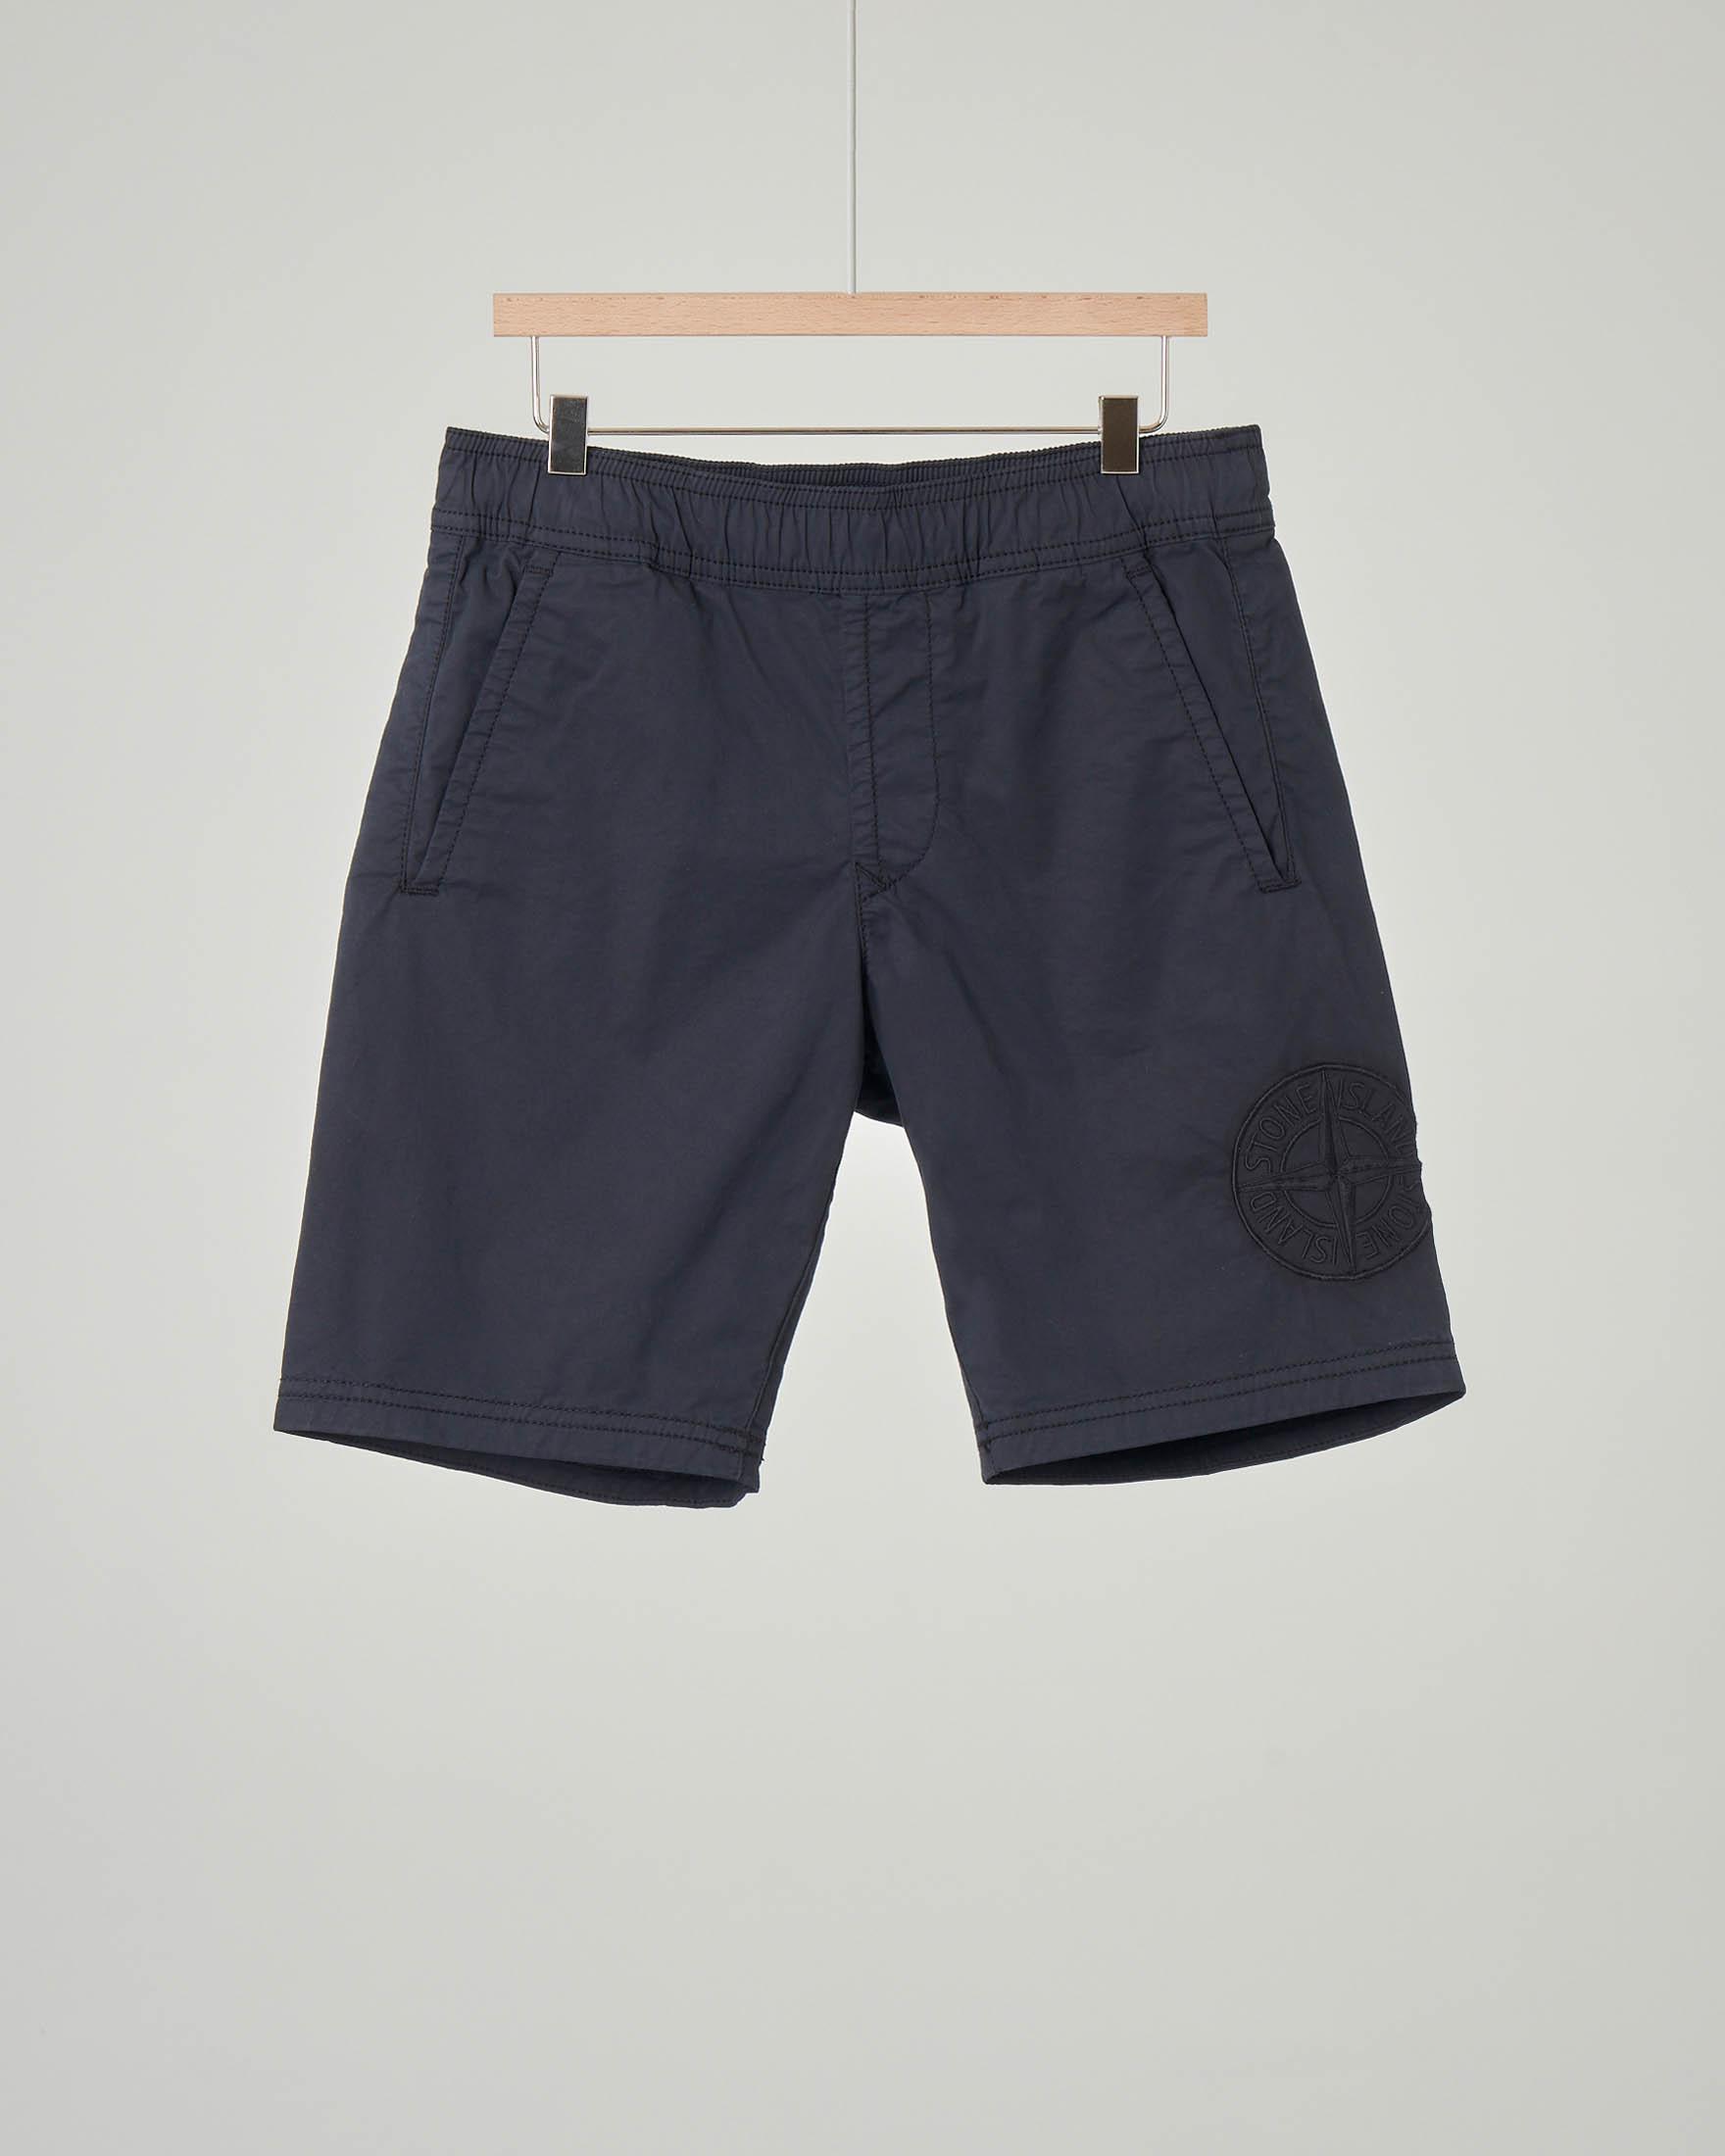 Bermuda blu in cotone stretch con elastico in vita 10-14 anni